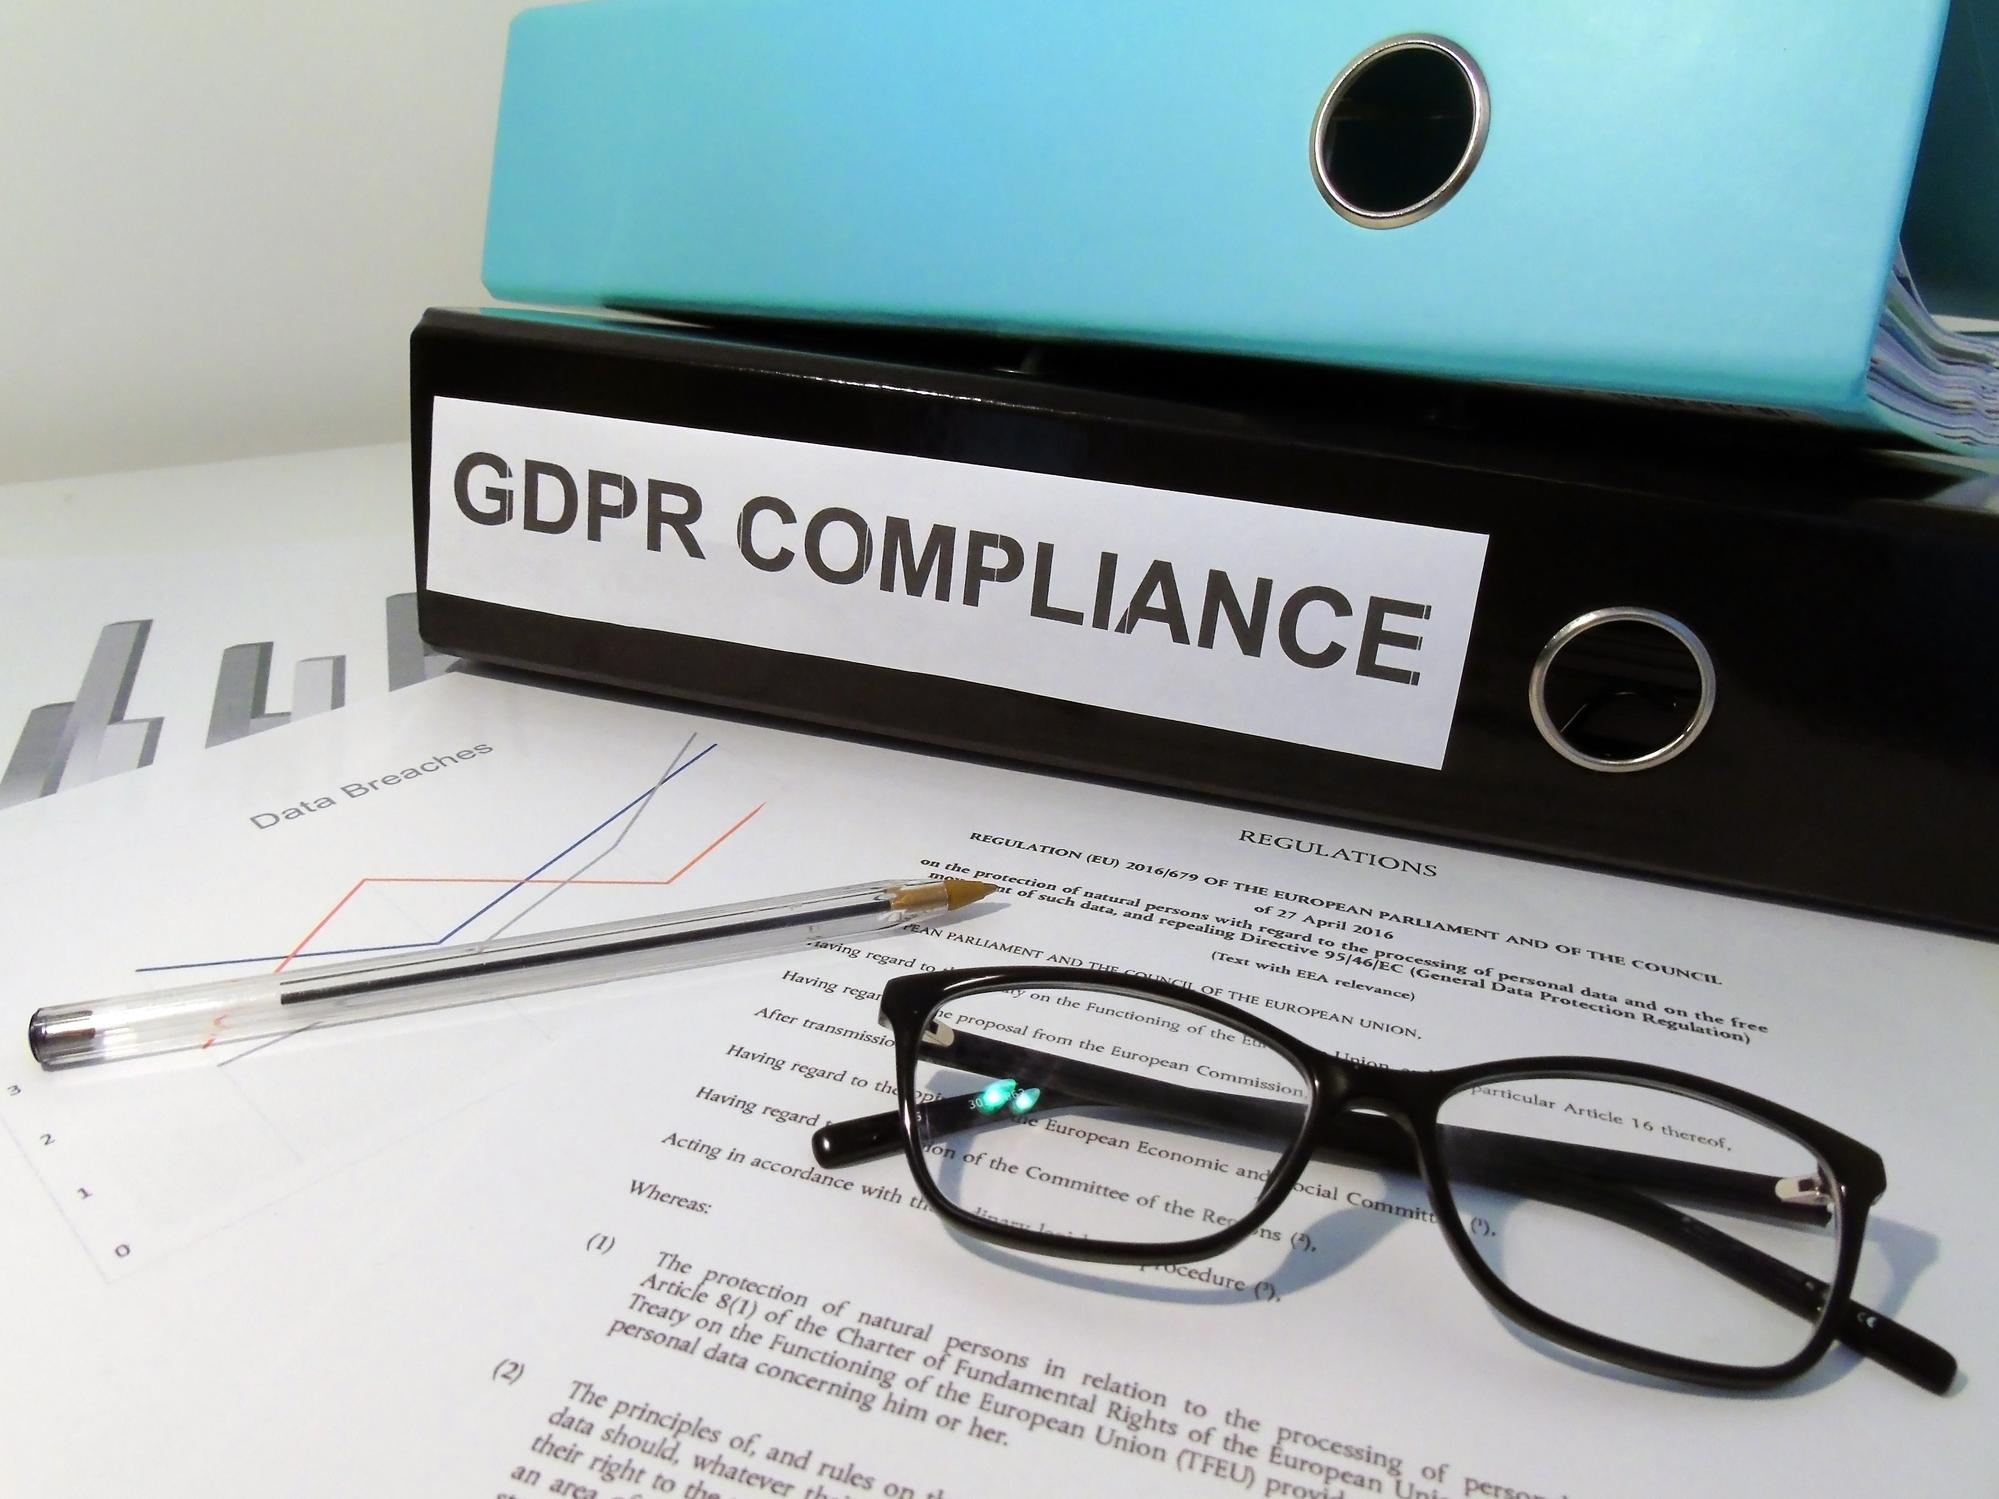 Scene of cluttered desk including folder labelled GDPR Compliance, GDPR legislative text, glasses and pen